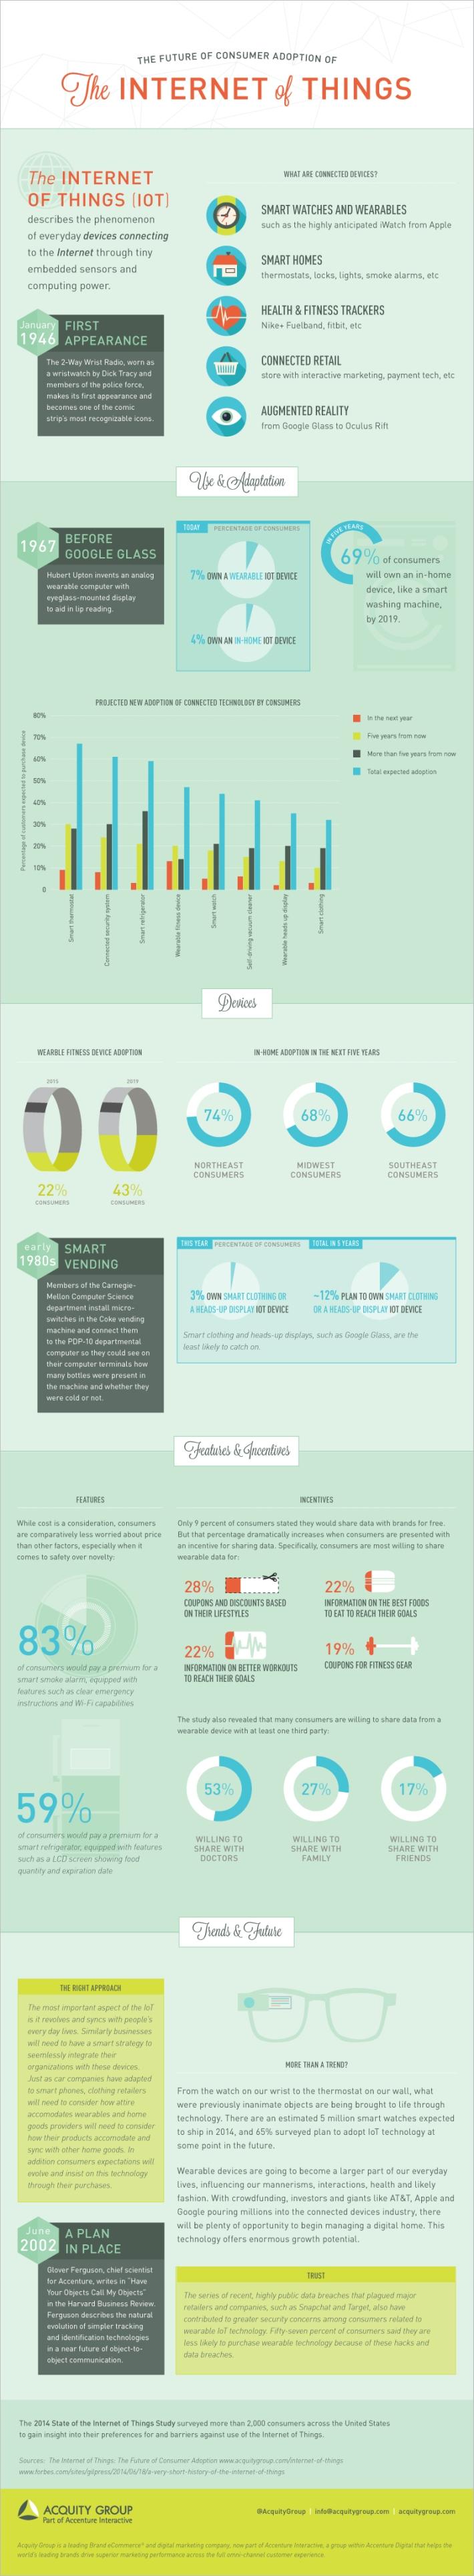 AcquityGroup_IoT_infographic